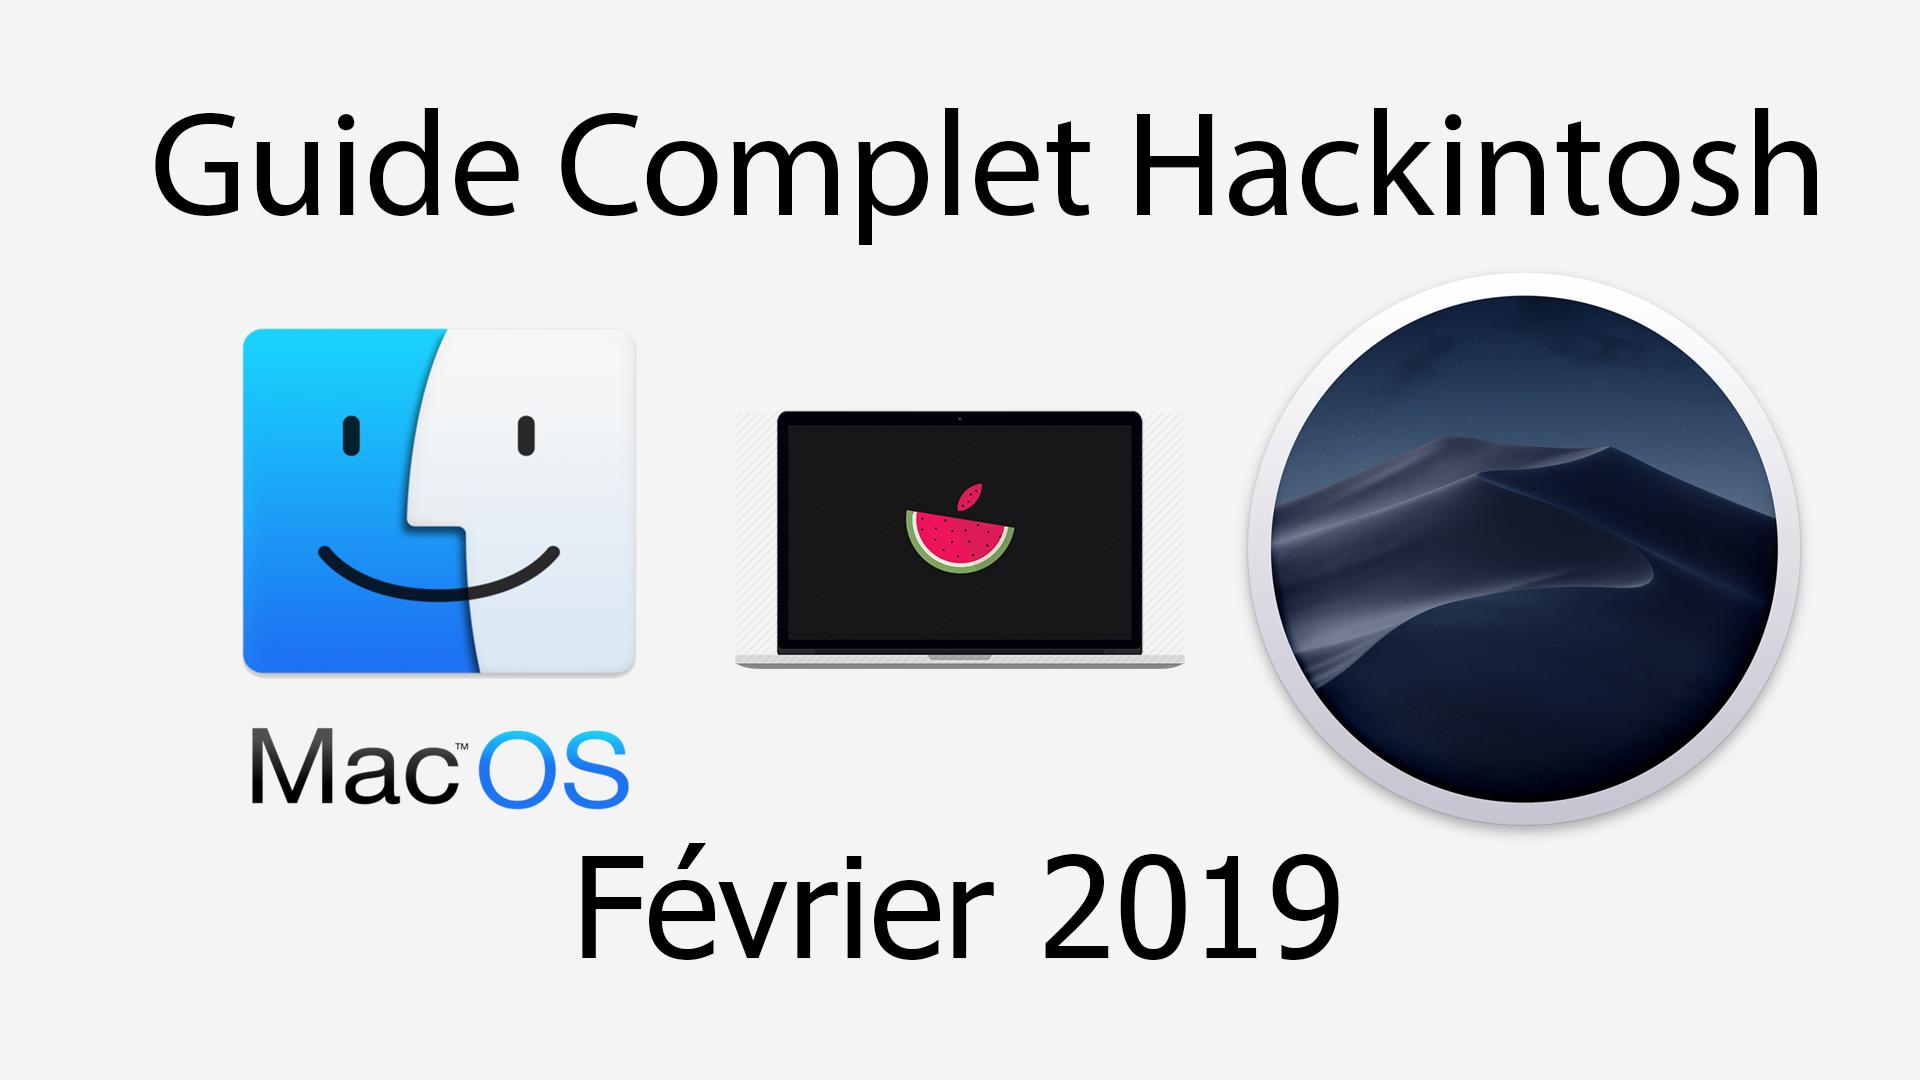 Hackintosh : Guide des composants Février 2019 - PassTech fr